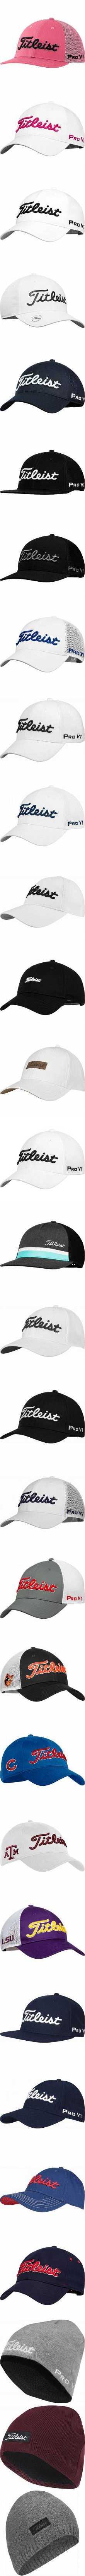 cfaec416de2f7 Titleist Tour Ace Adjustable Golf Hats